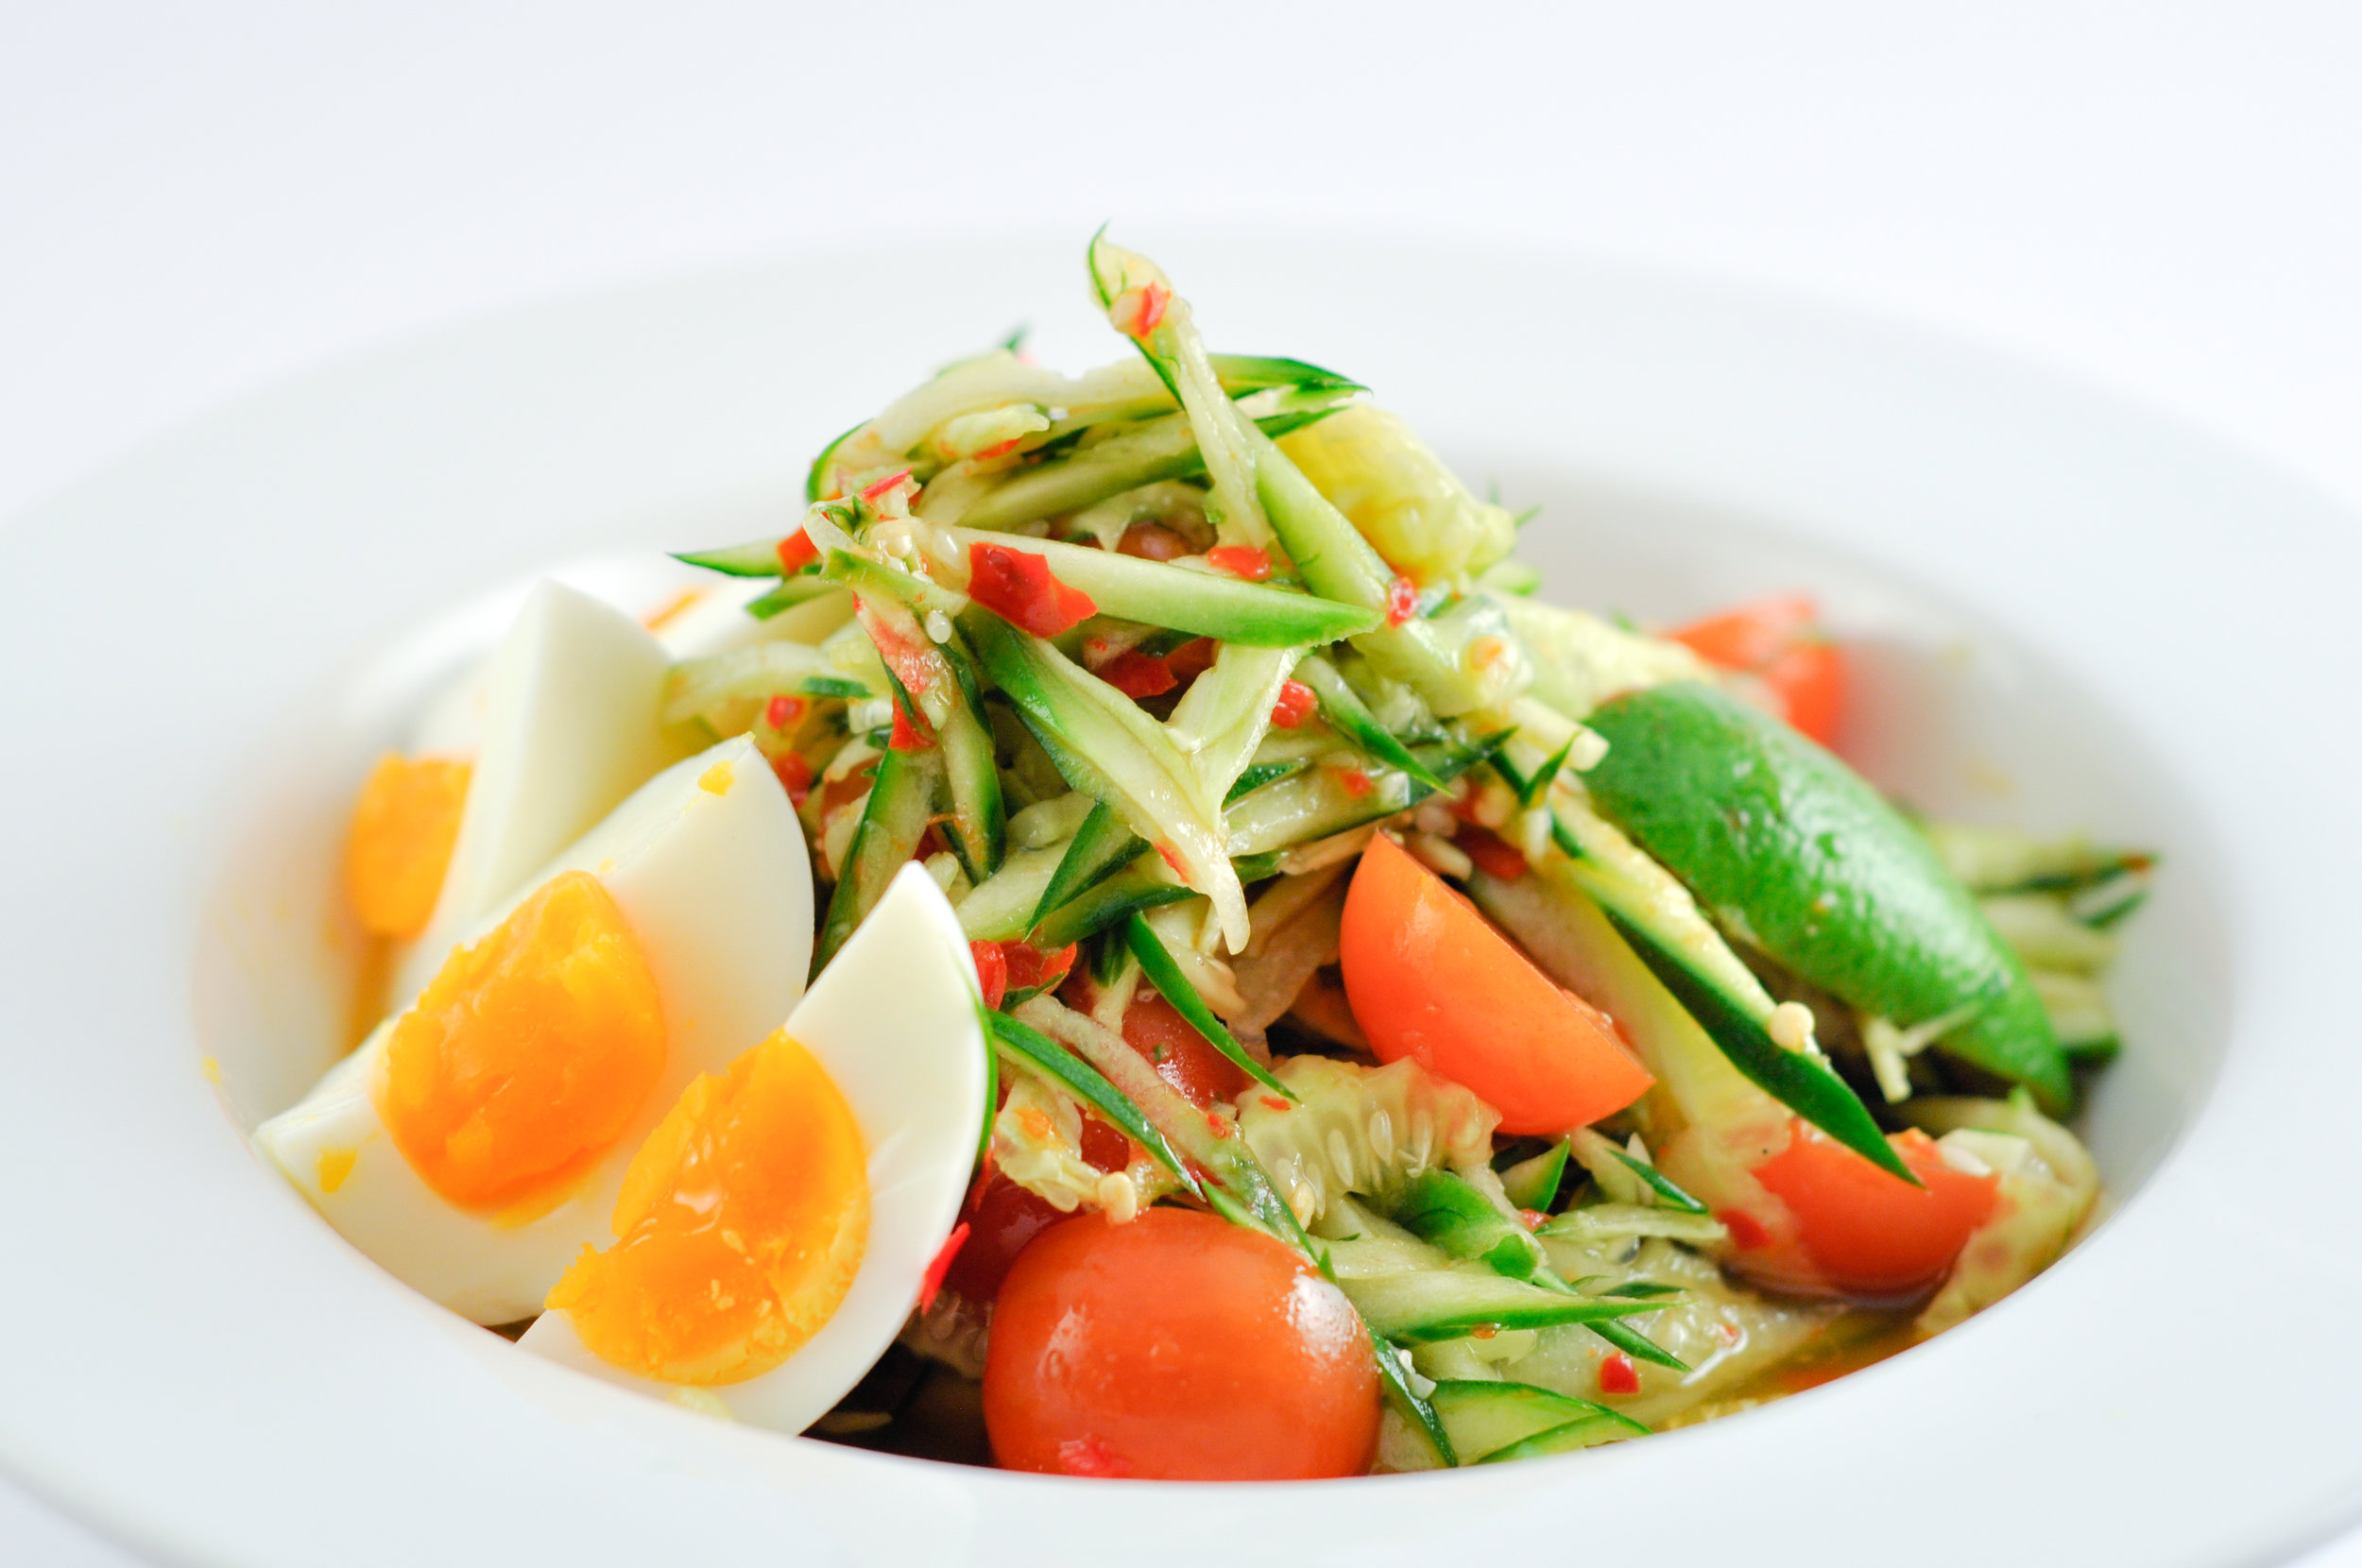 Tum Mark Dtang - Cucumber Salad